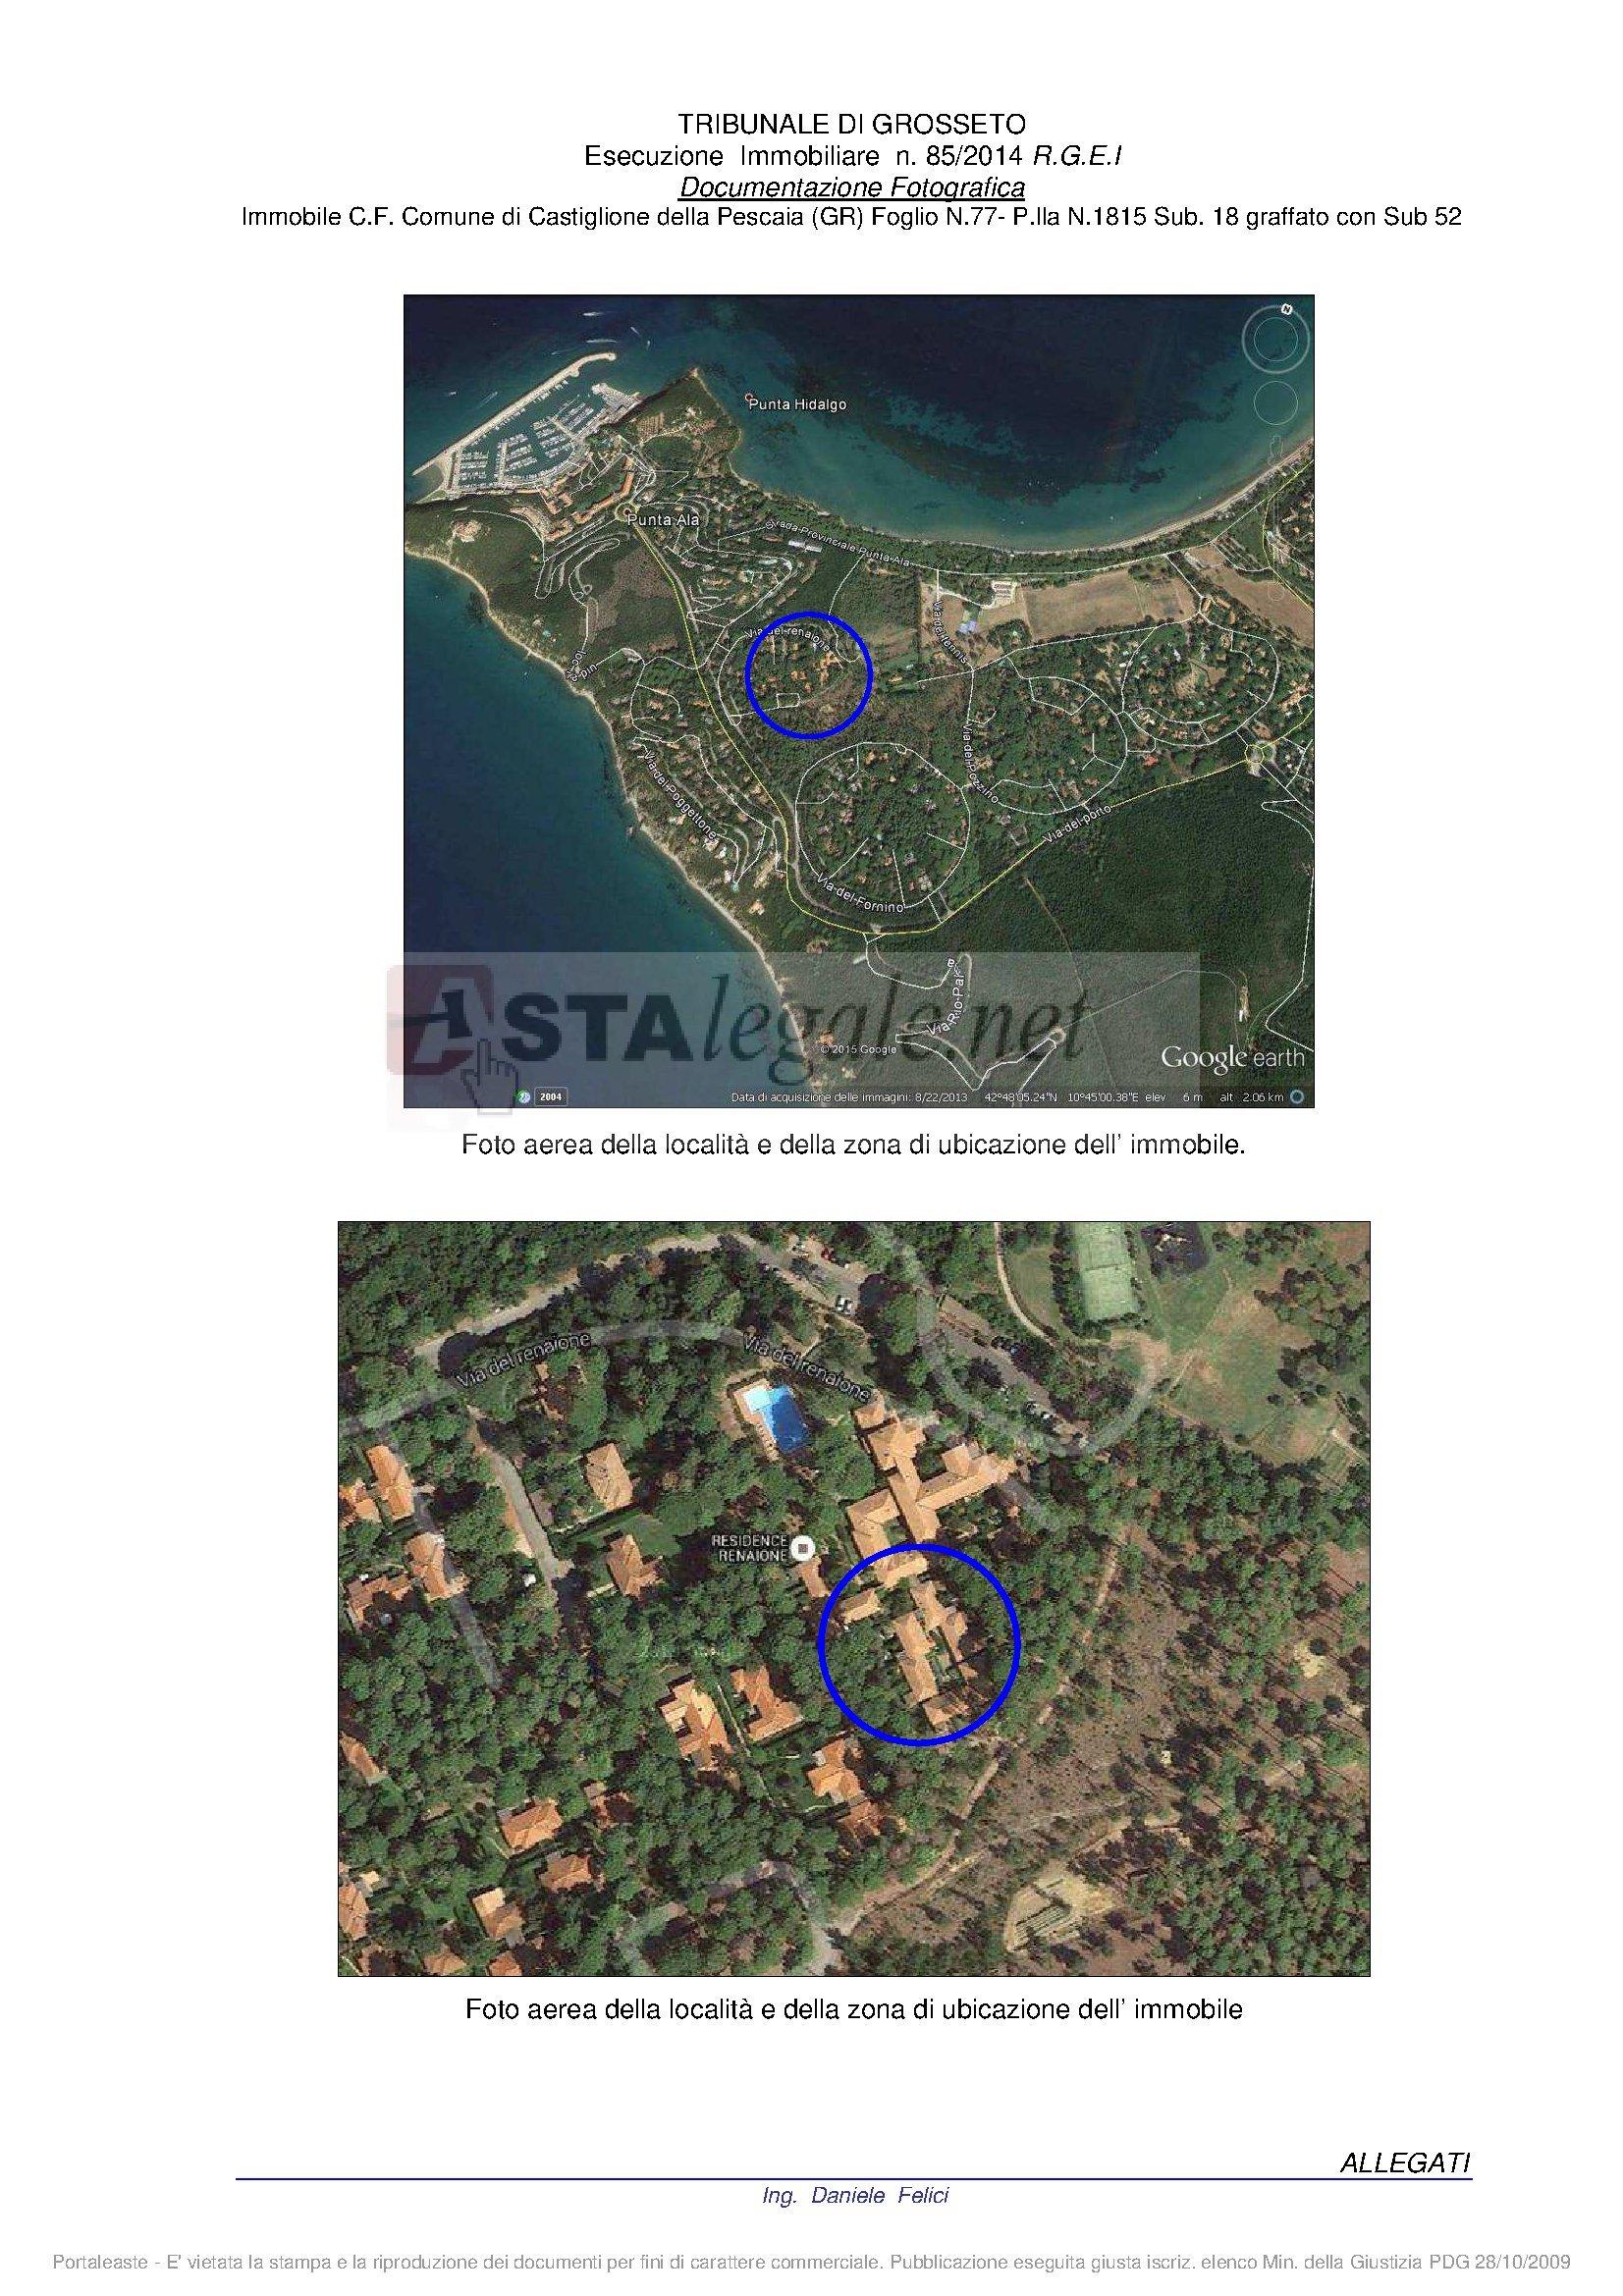 Bilocale Castiglione della Pescaia Via Della Tartana - Loc. Punta Ala - Lotto N. 1 Snc 1